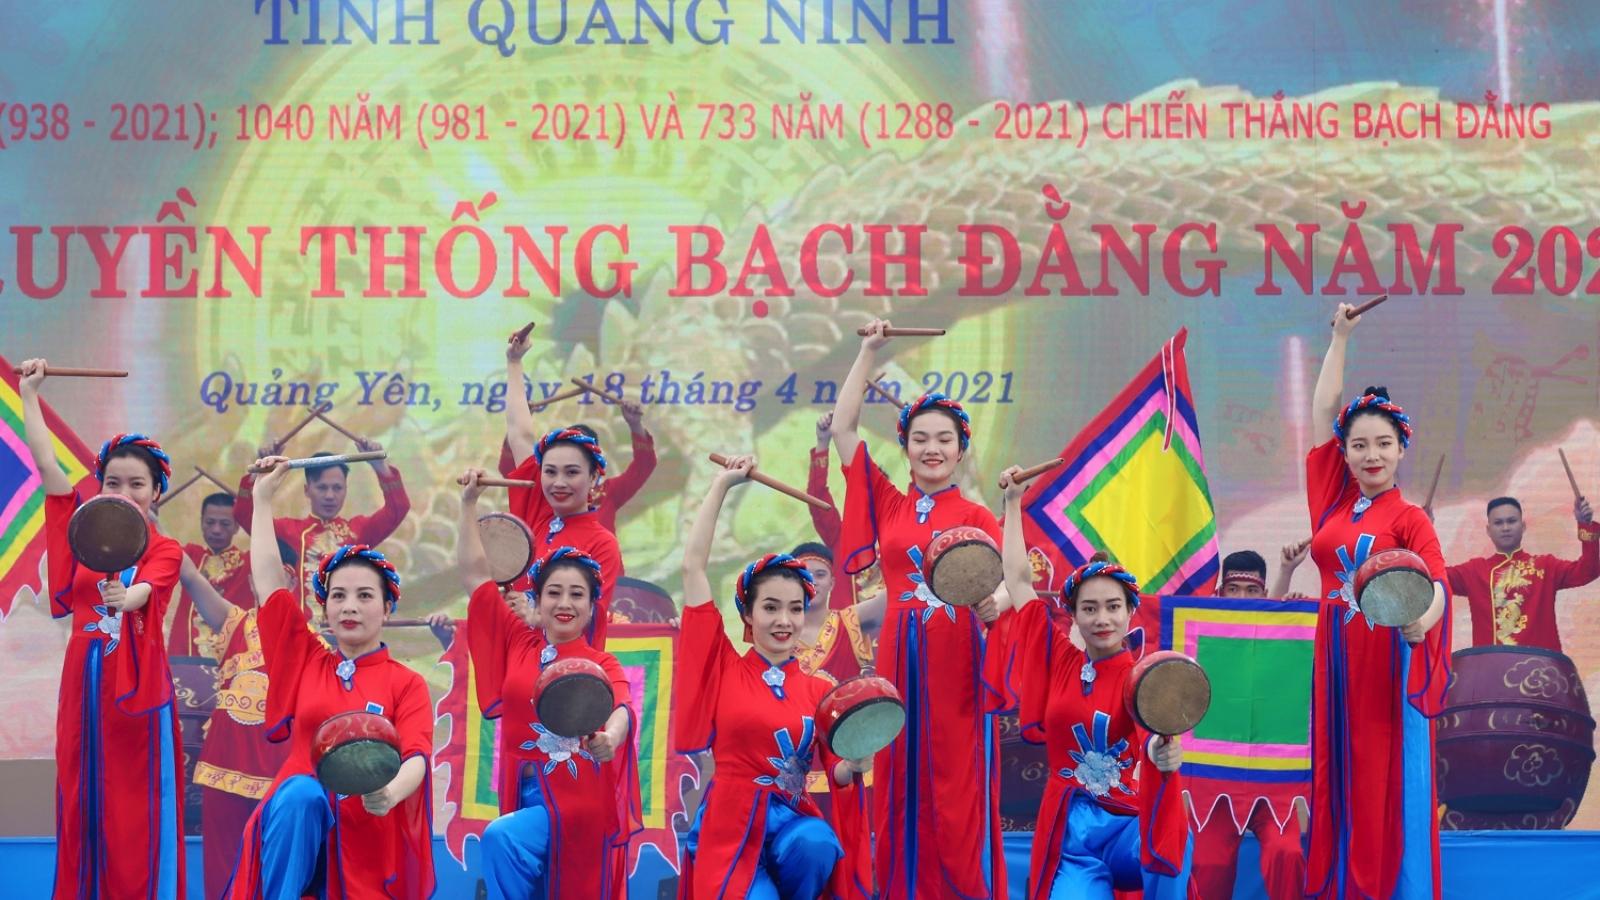 Hàng nghìn người rước tượng Trần Hưng Đạo trong lễ hội truyền thống Bạch Đằng